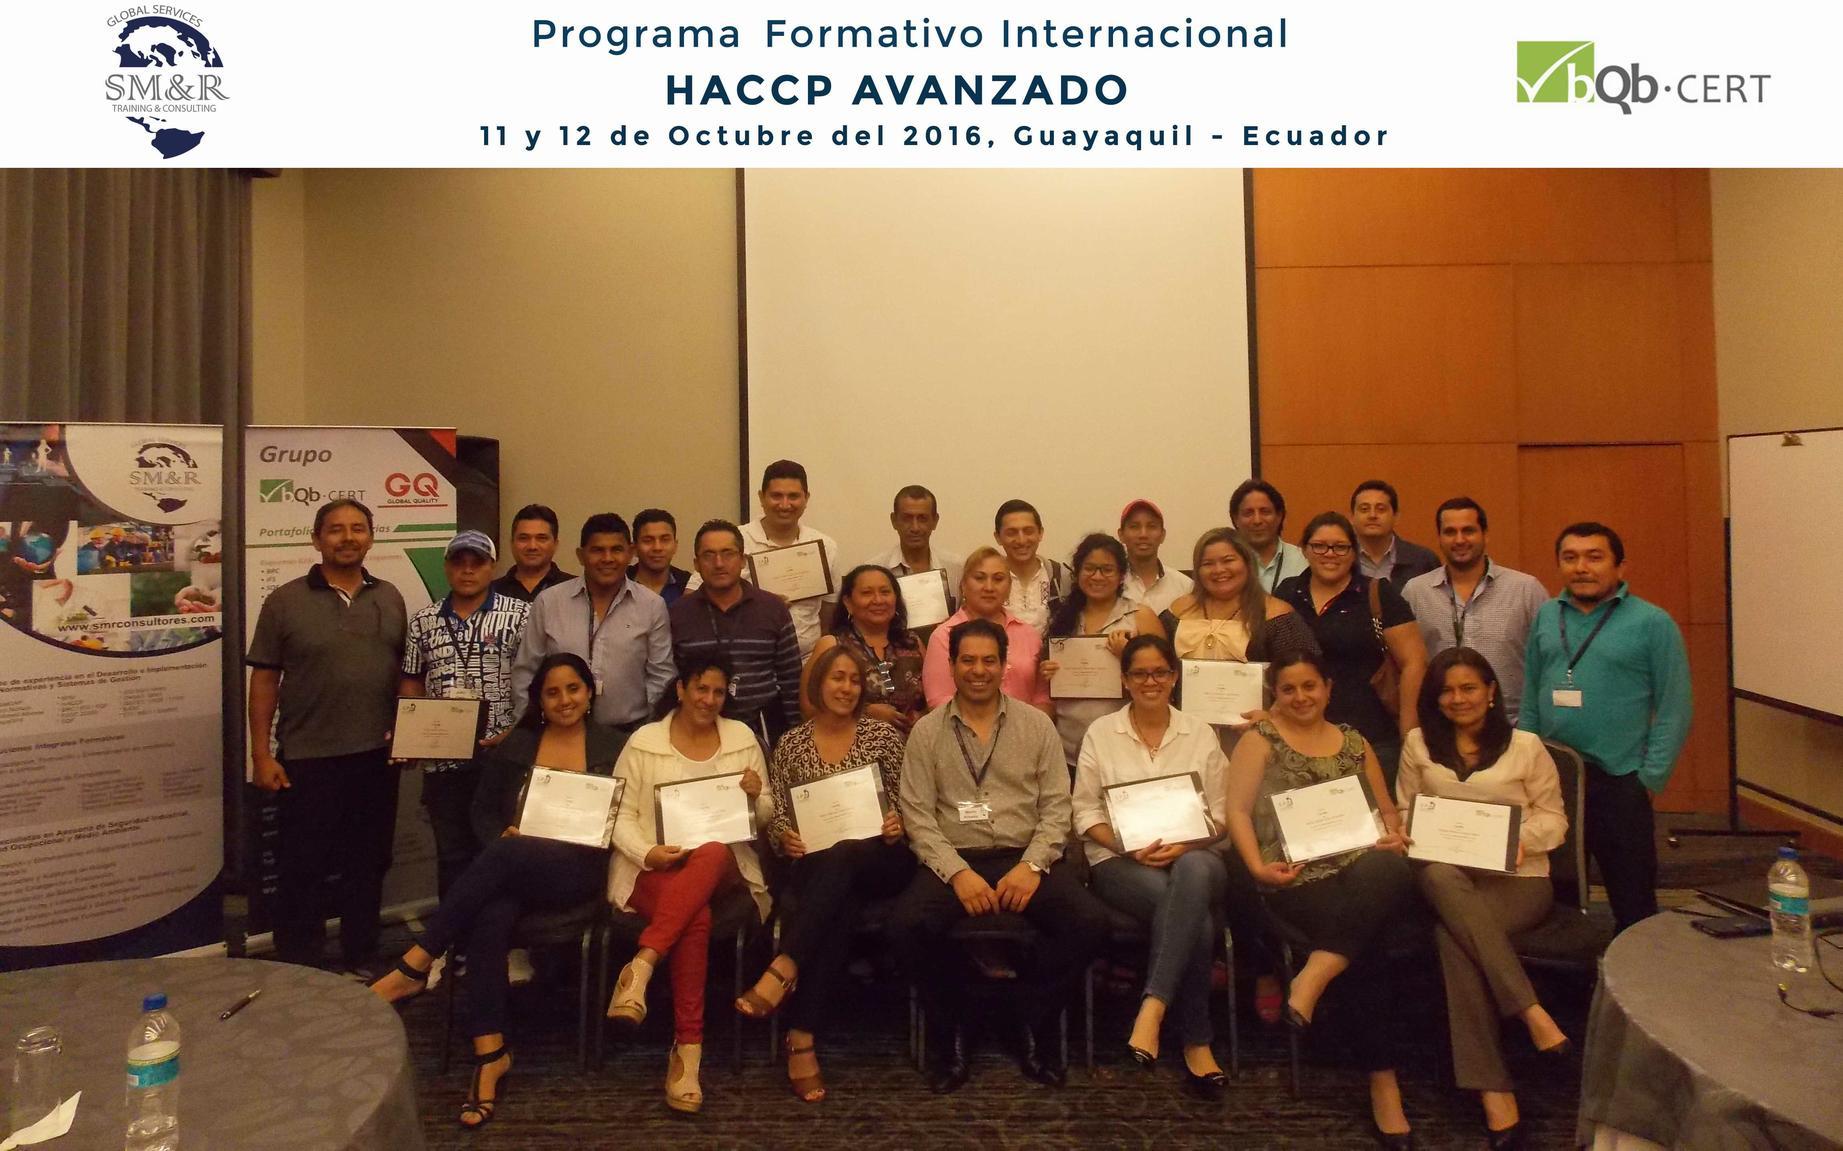 Programa Internacional HACCP Avanzado Octubre 2016 - Guayaquil